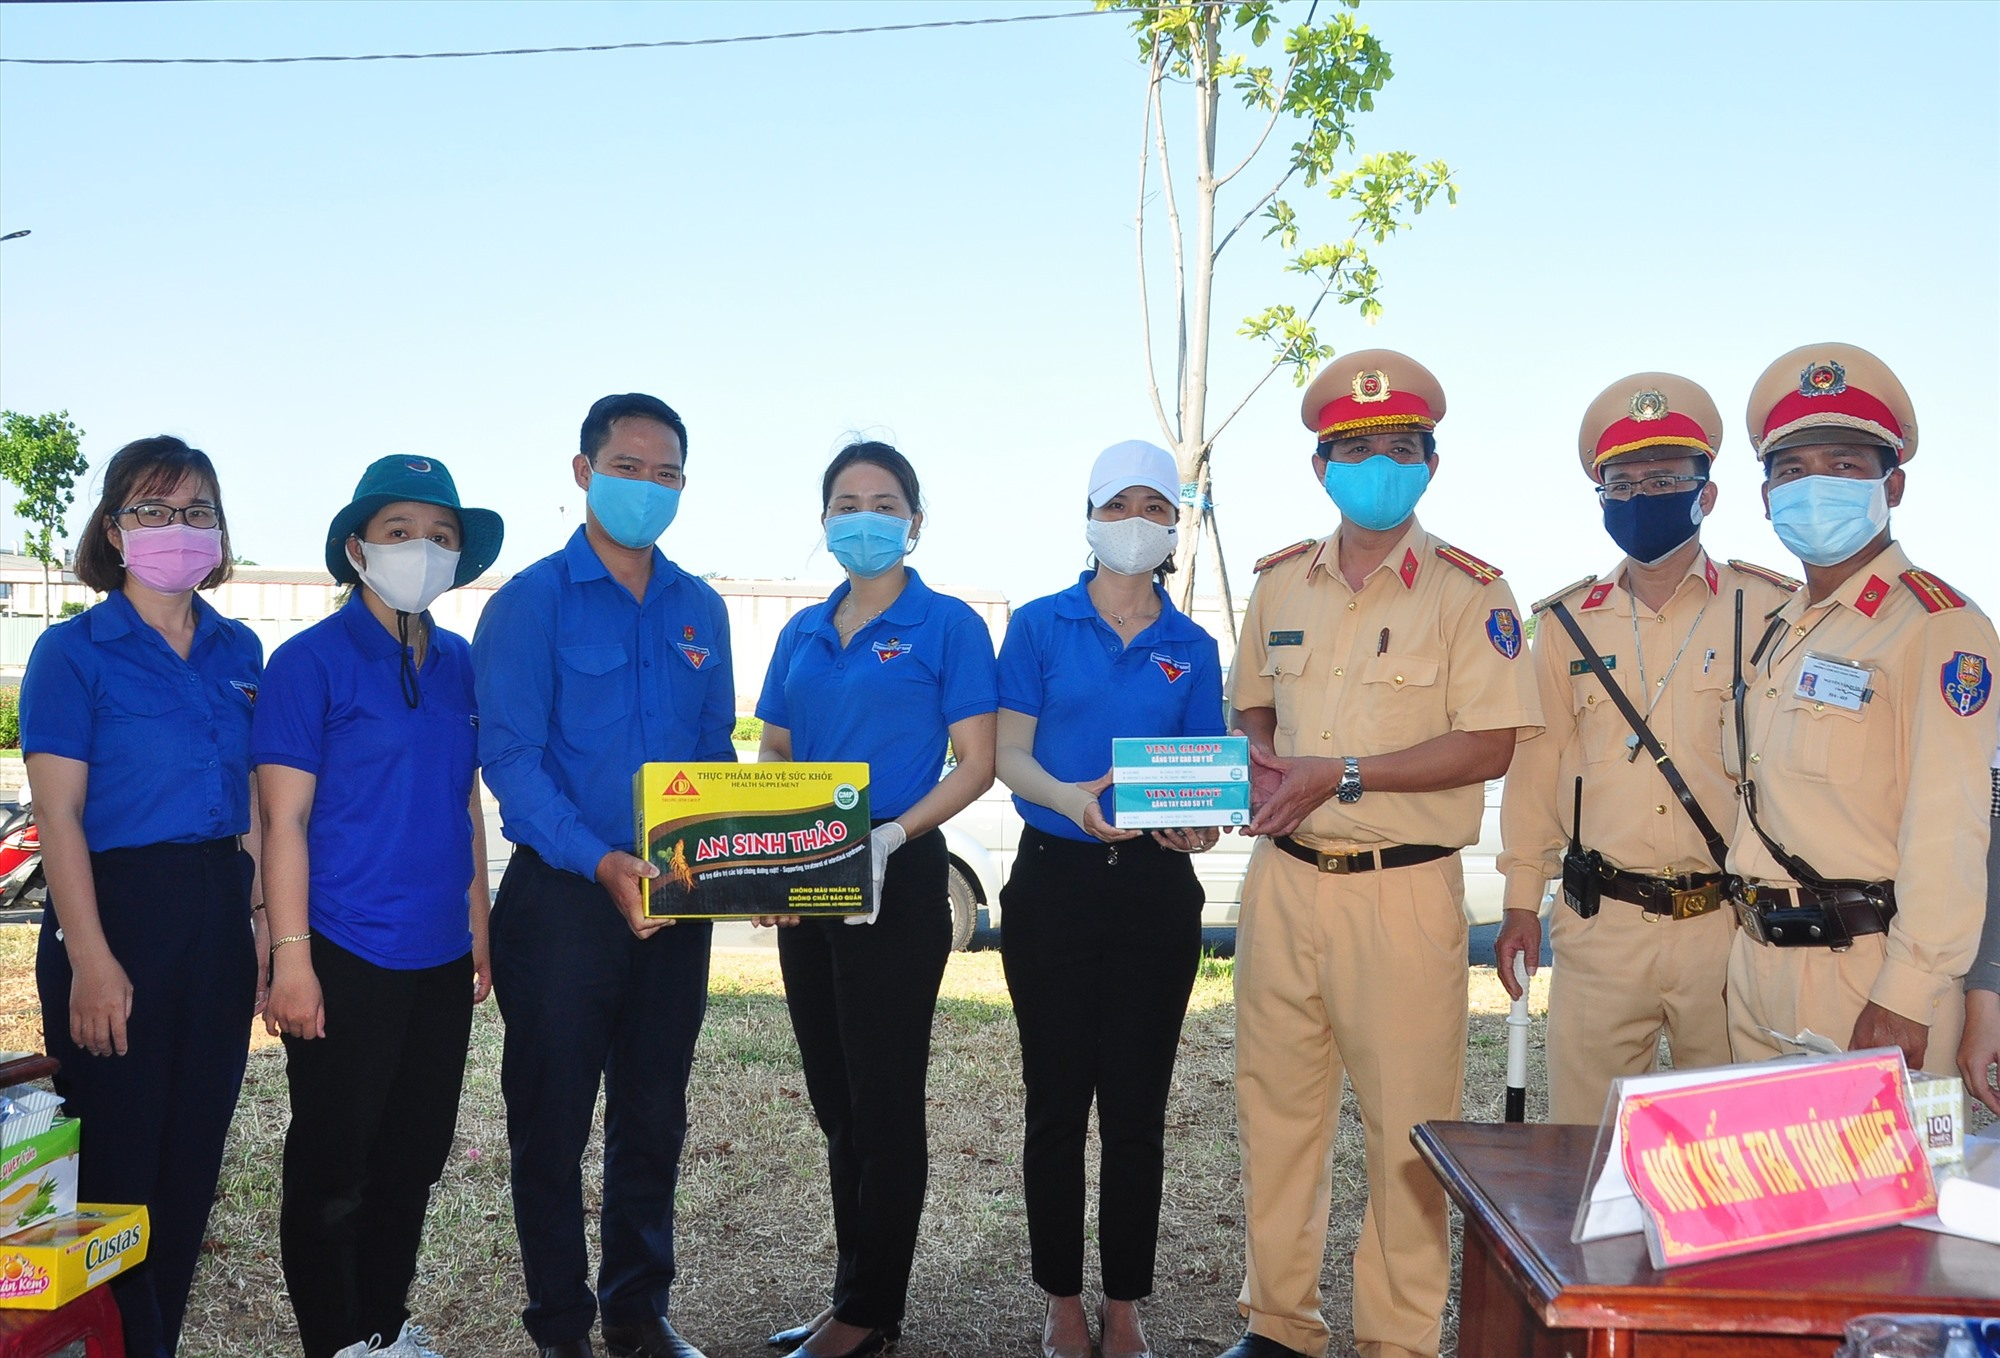 Lực lượng làm nhiệm vụ tại chốt kiểm soát phía Nam (xã Tam Hiệp, huyện Núi Thành) nhận quà từ Thường trực Tỉnh đoàn. Ảnh: VINH ANH